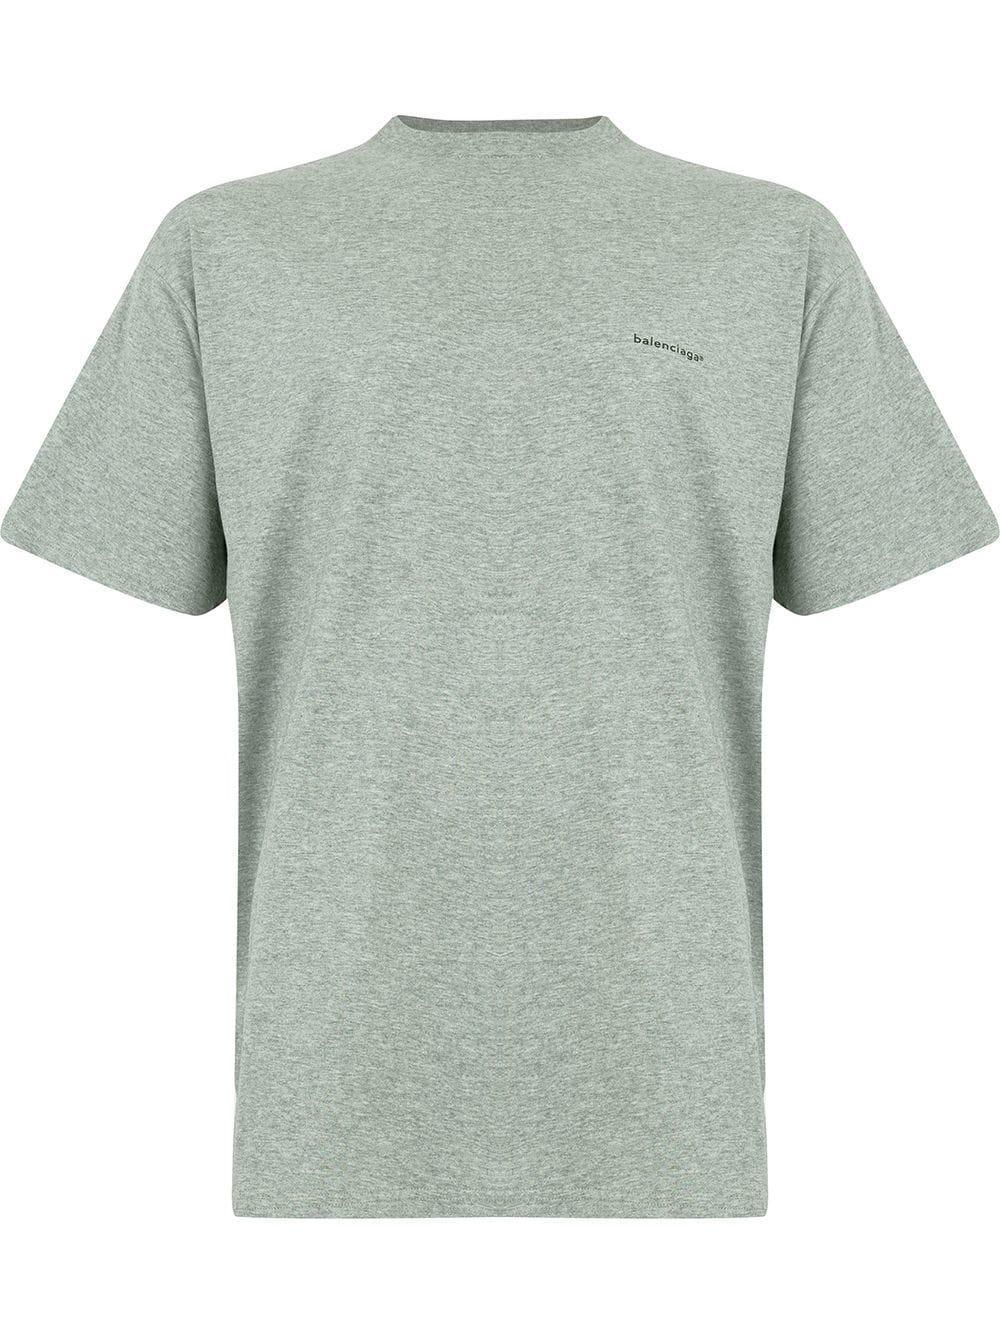 58fde62b7cf0 Lyst - Balenciaga Cotton T-shirt in Gray for Men